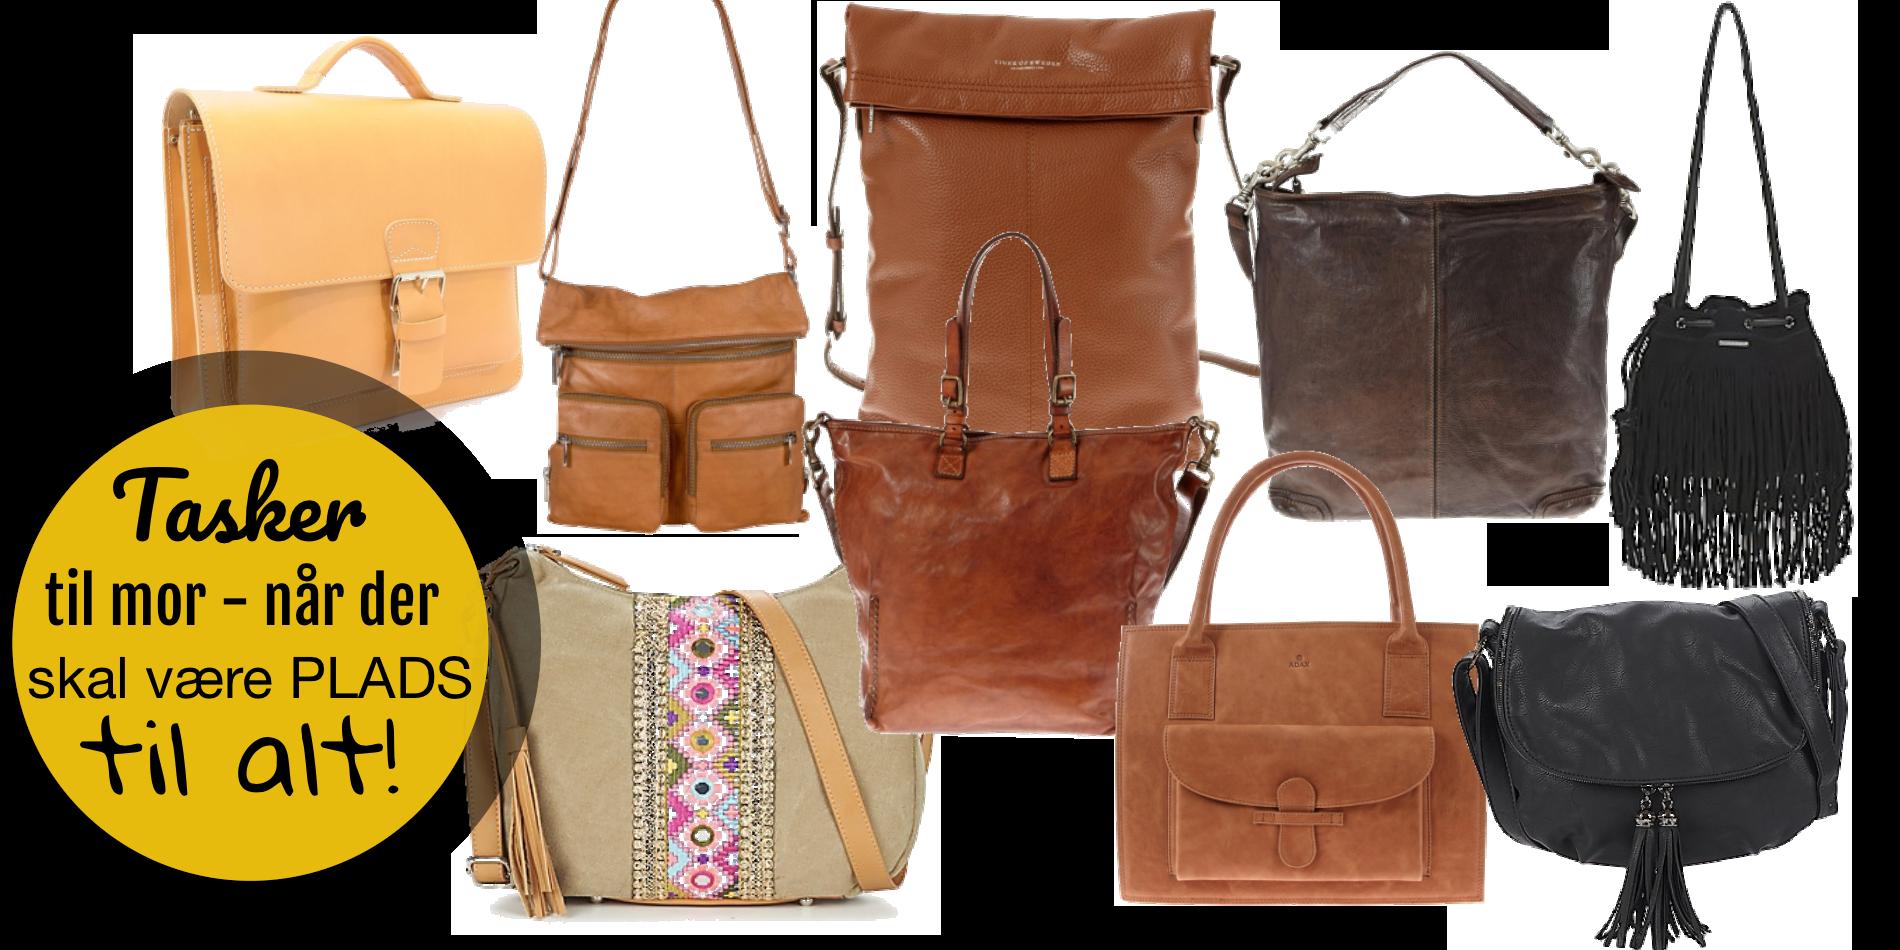 Tasker til mor - når der skal være plads til alt